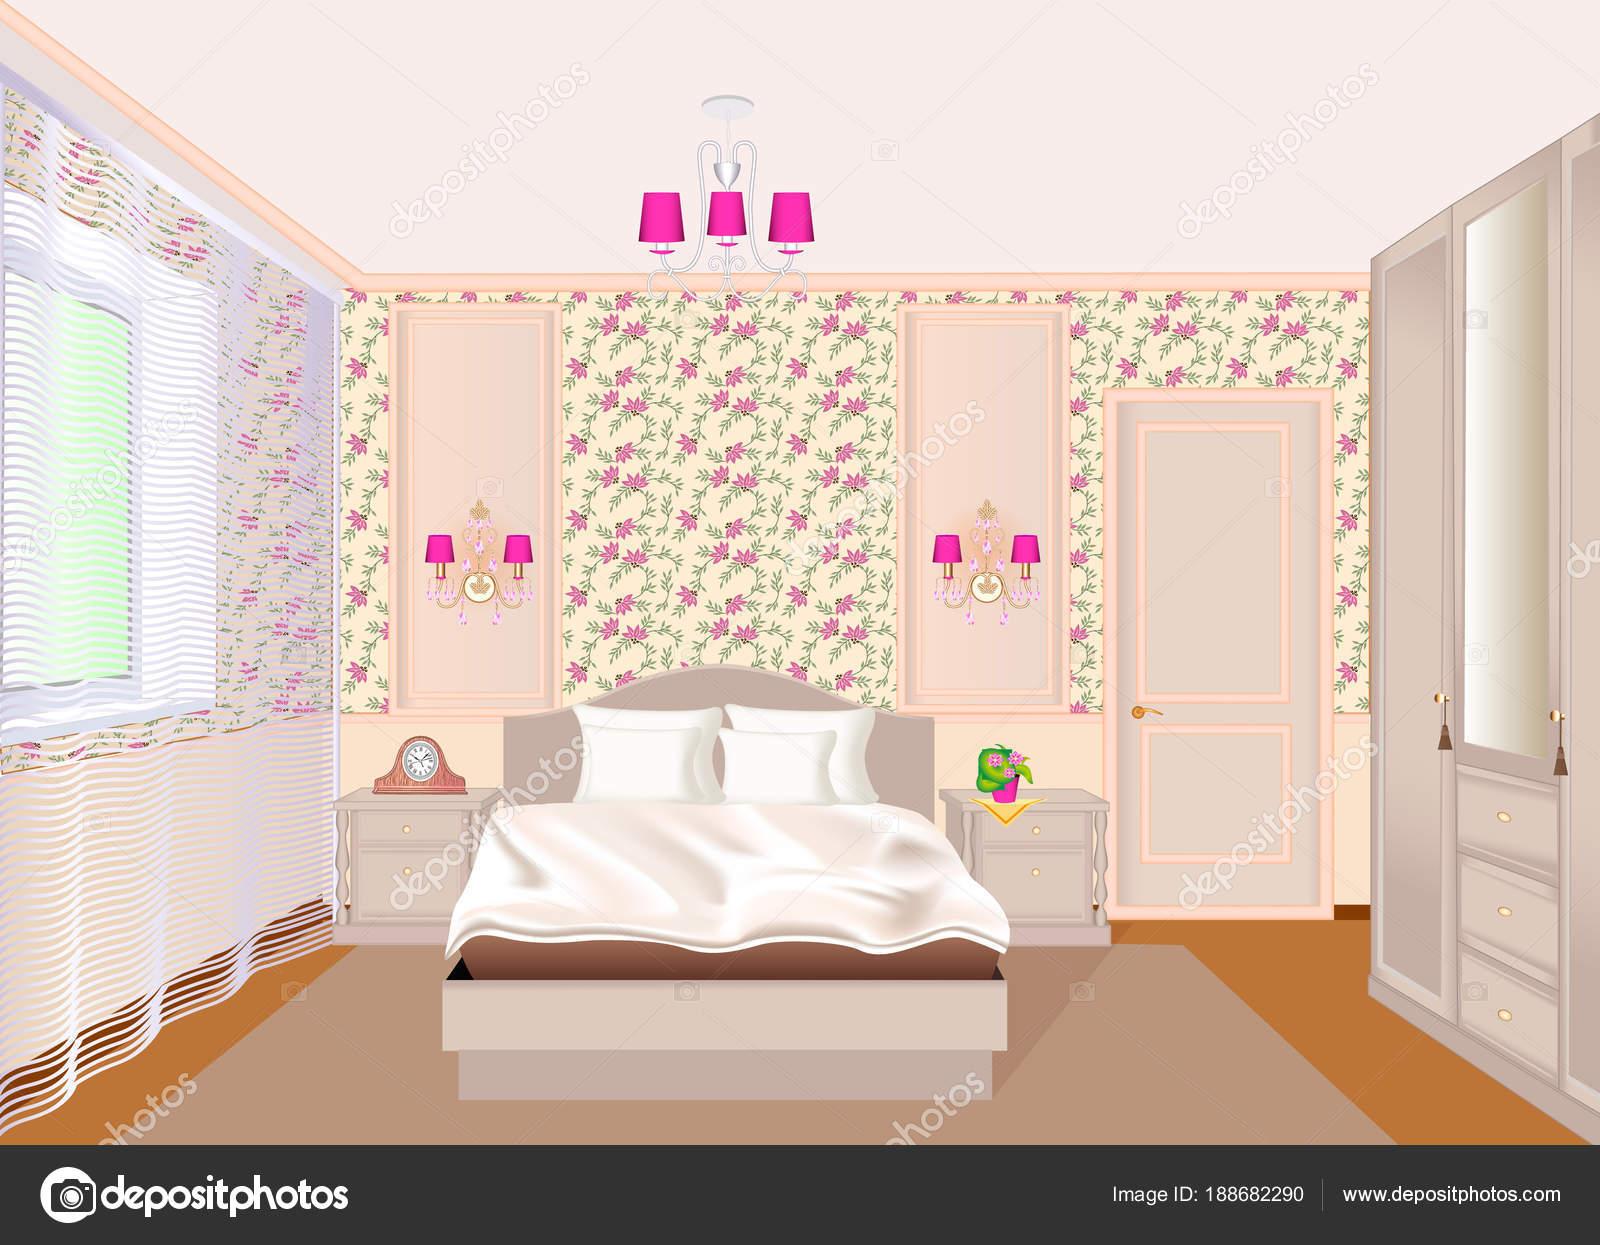 Interieur Slaapkamer Behang : Illustratie van een slaapkamer interieur met lichte bloemen behang